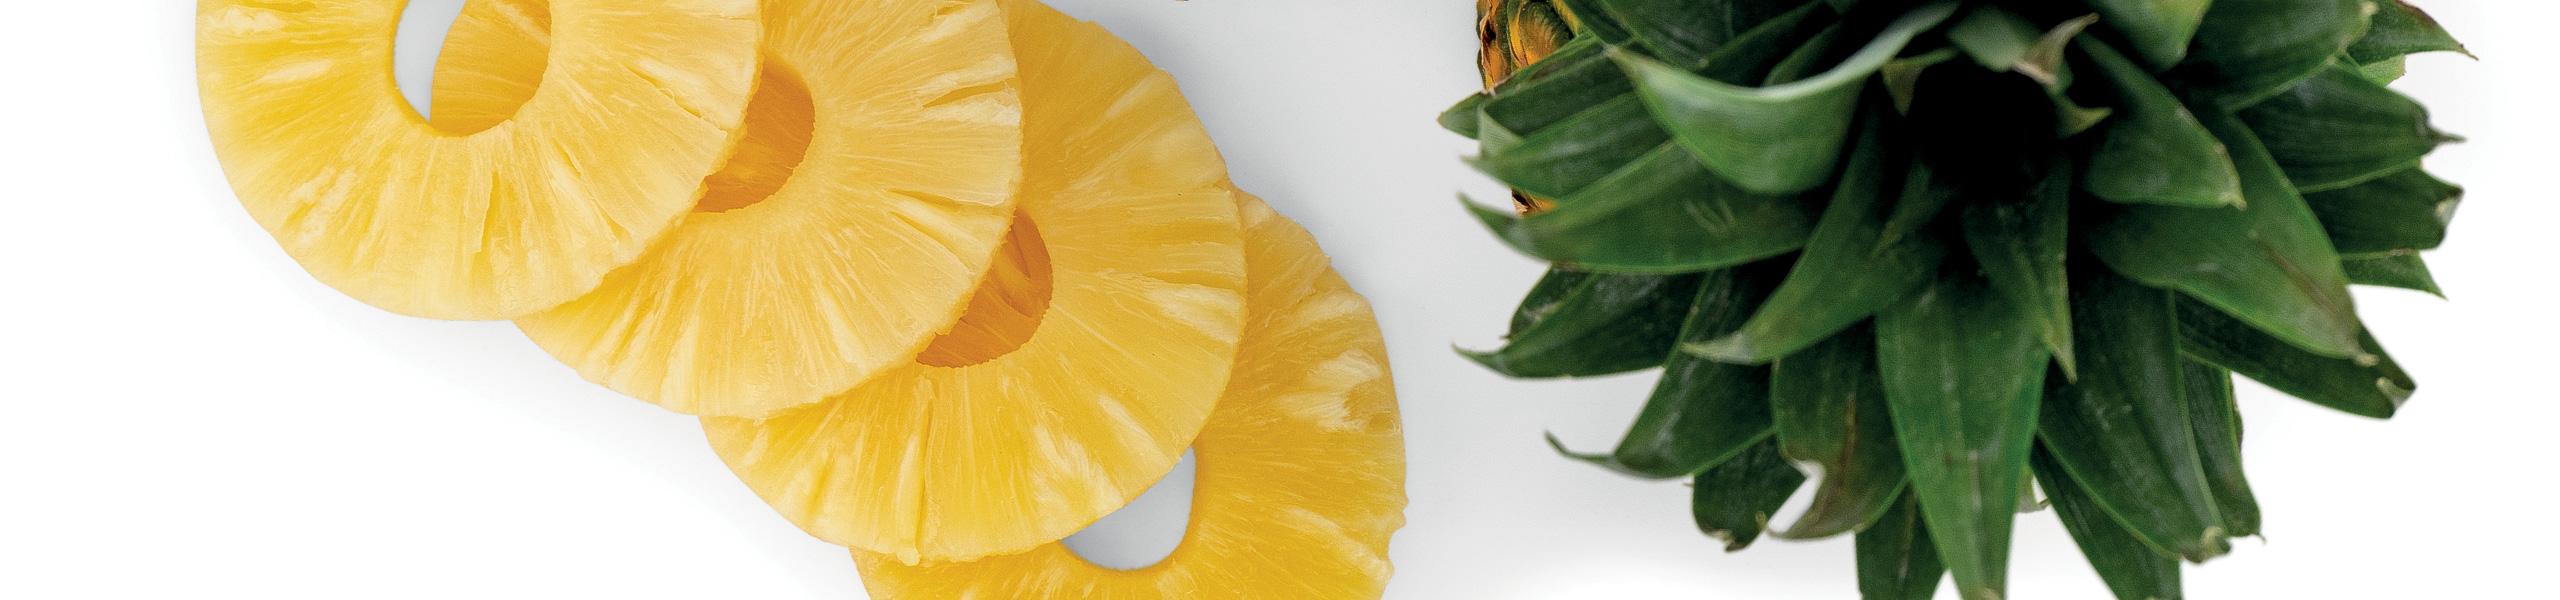 Ananas a fette allo sciroppo